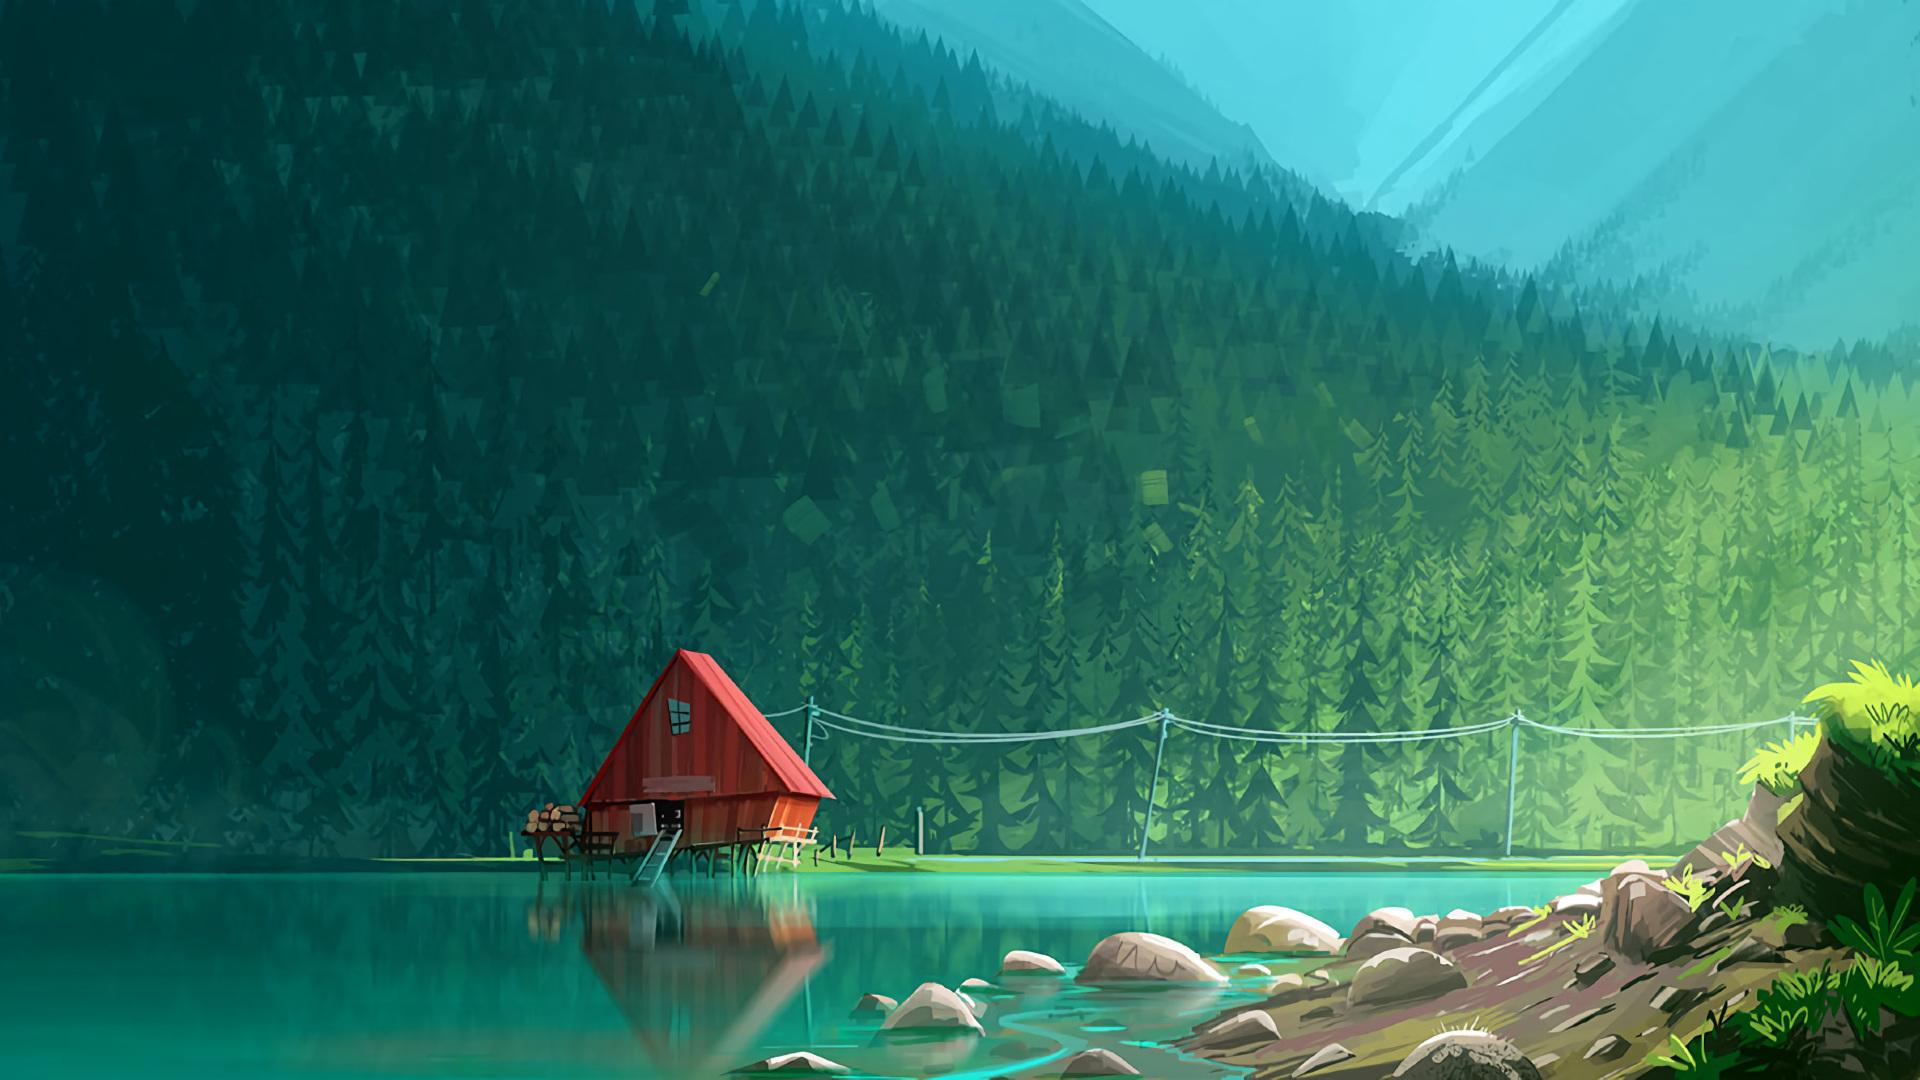 Hình nền ngôi nhà bên khu rừng xanh lá